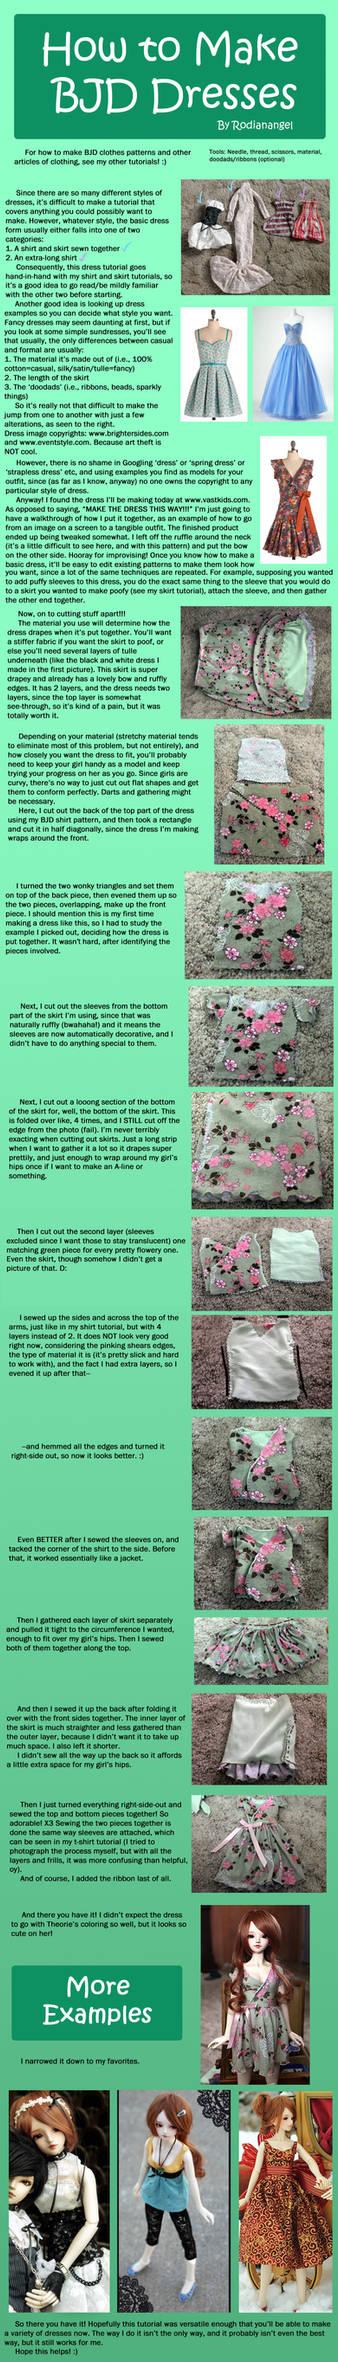 How to Make BJD Dresses